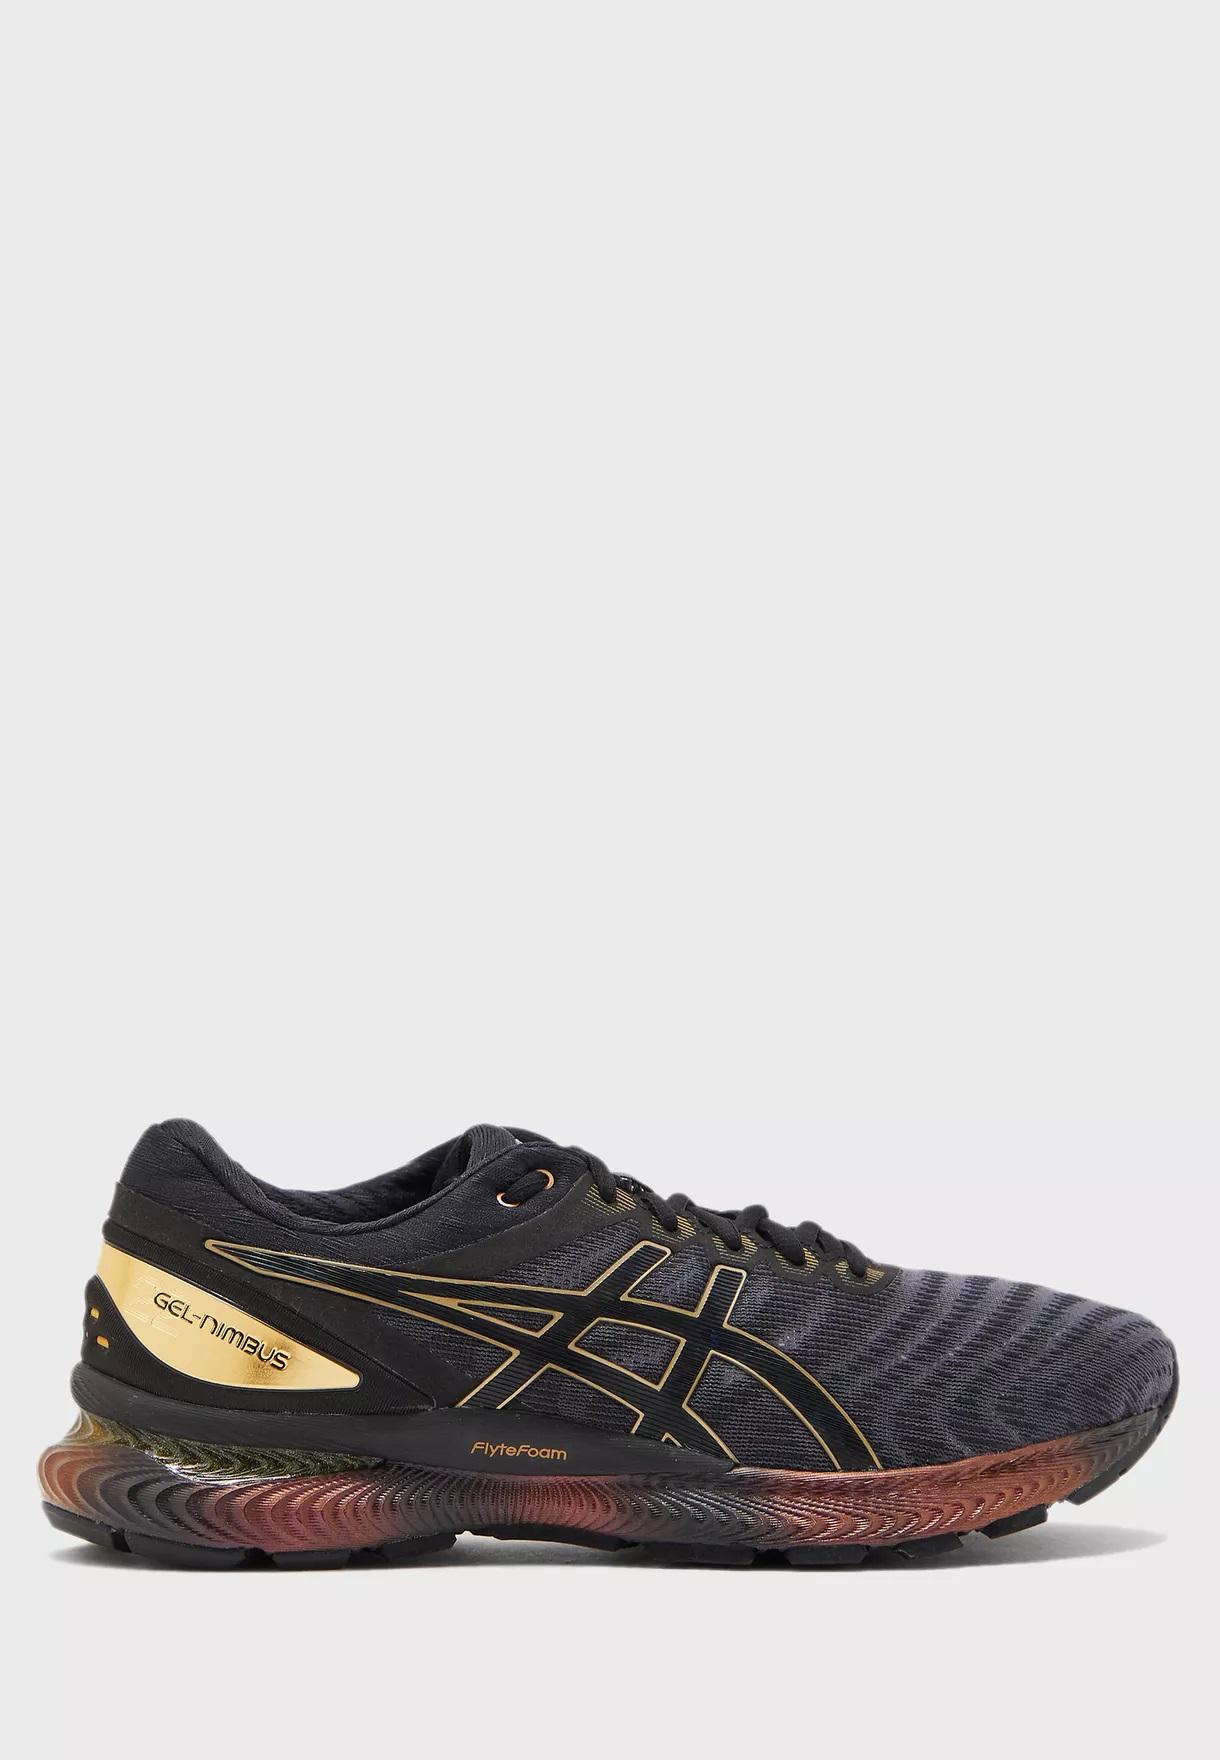 נעלי ריצה אסיקס לגברים Asics GEL-Nimbus 22 Platinum - שחור